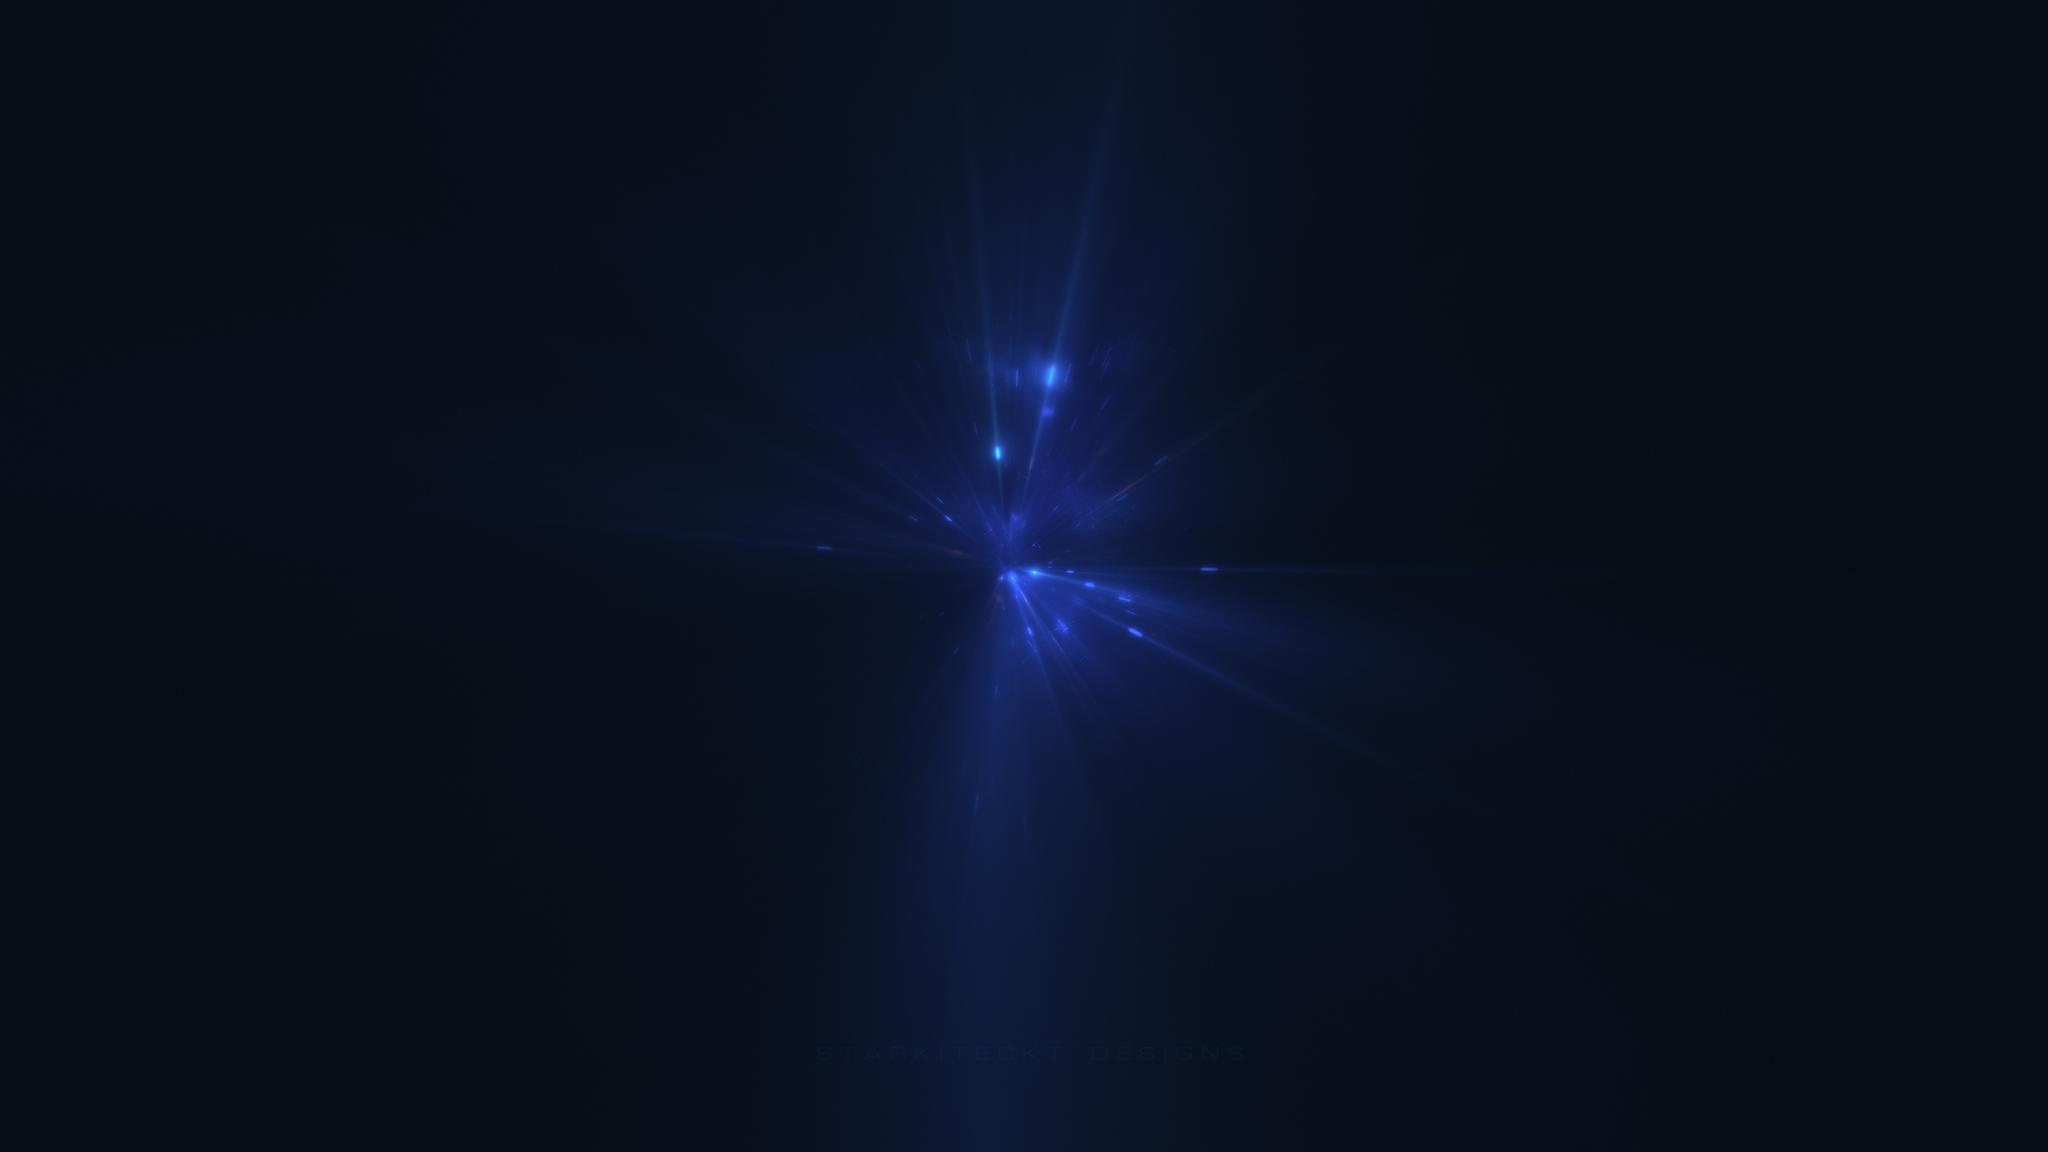 2048x1152 last blue light digital art 5k 2048x1152 resolution hd 4k